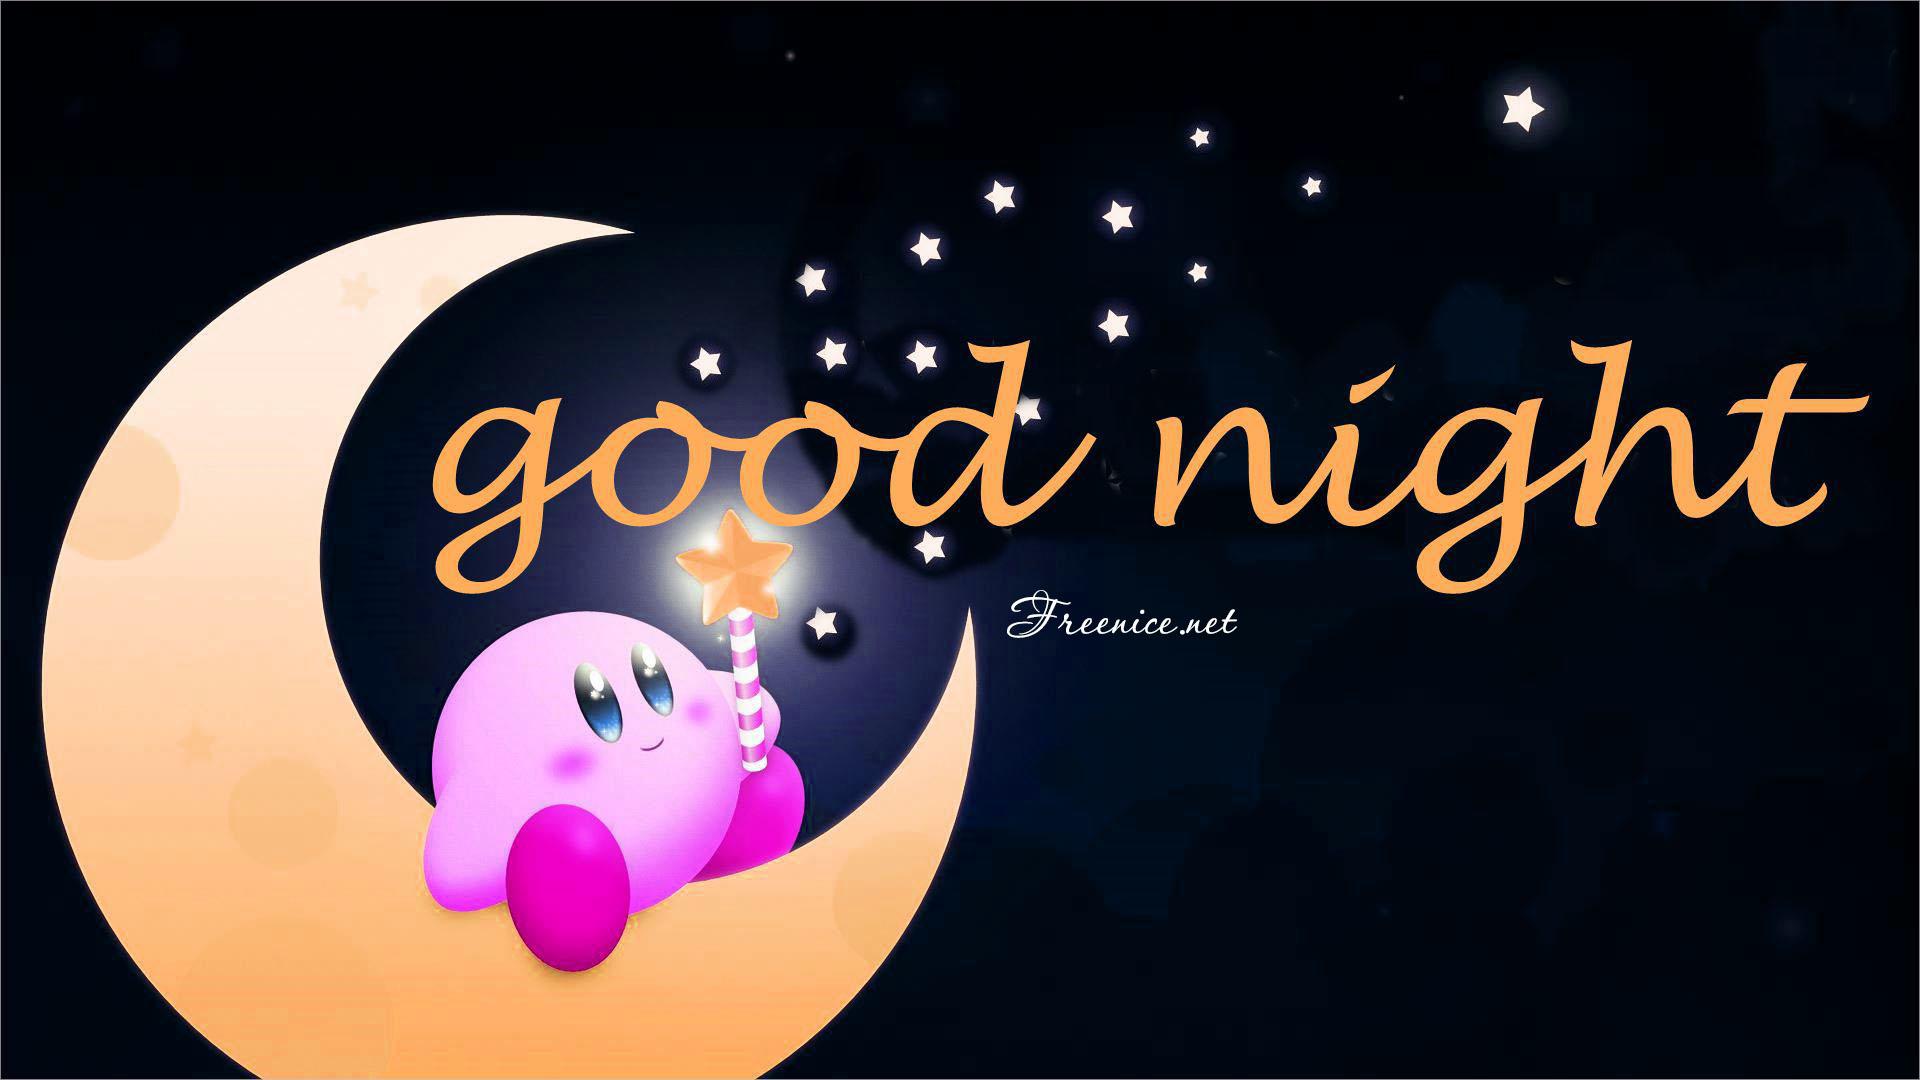 Hình ảnh chúc ngủ ngon đẹp